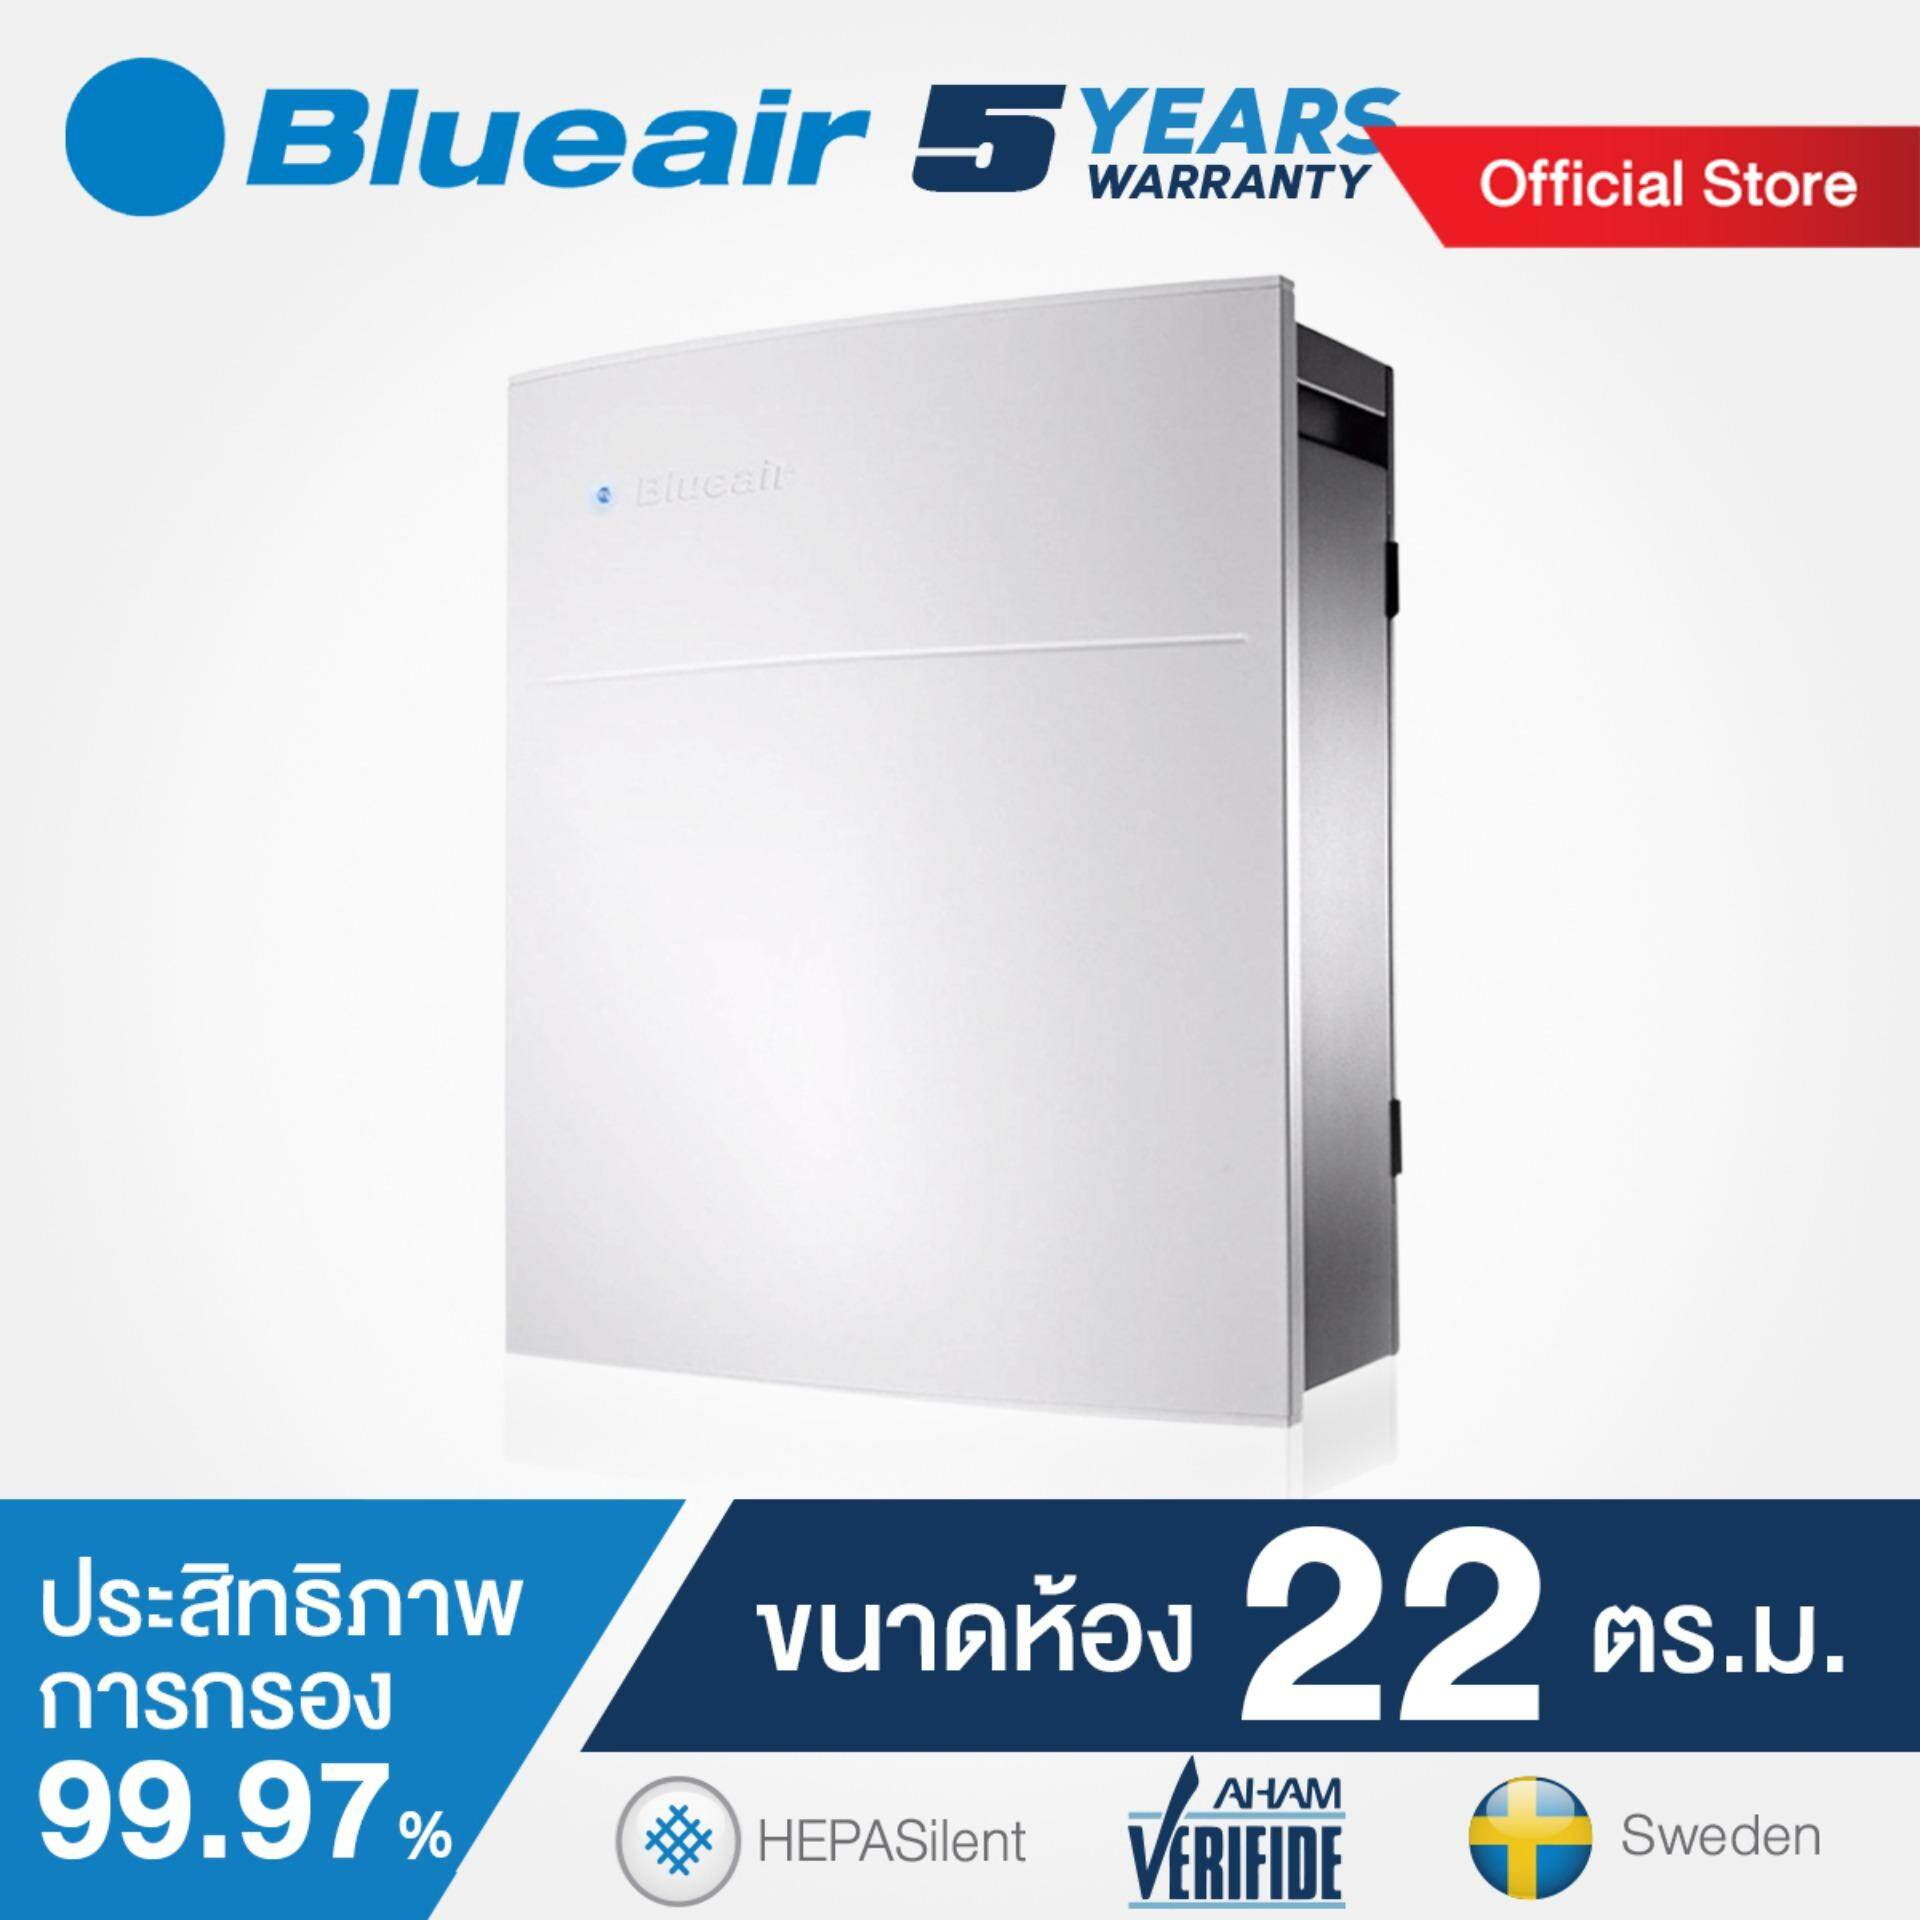 ราคา Blueair เครื่องฟอกอากาศ รุ่น Classic 203 Slim แผ่นกรอง Particle รองรับขนาดพื้นที่ 22 ตรม White ออนไลน์ Thailand